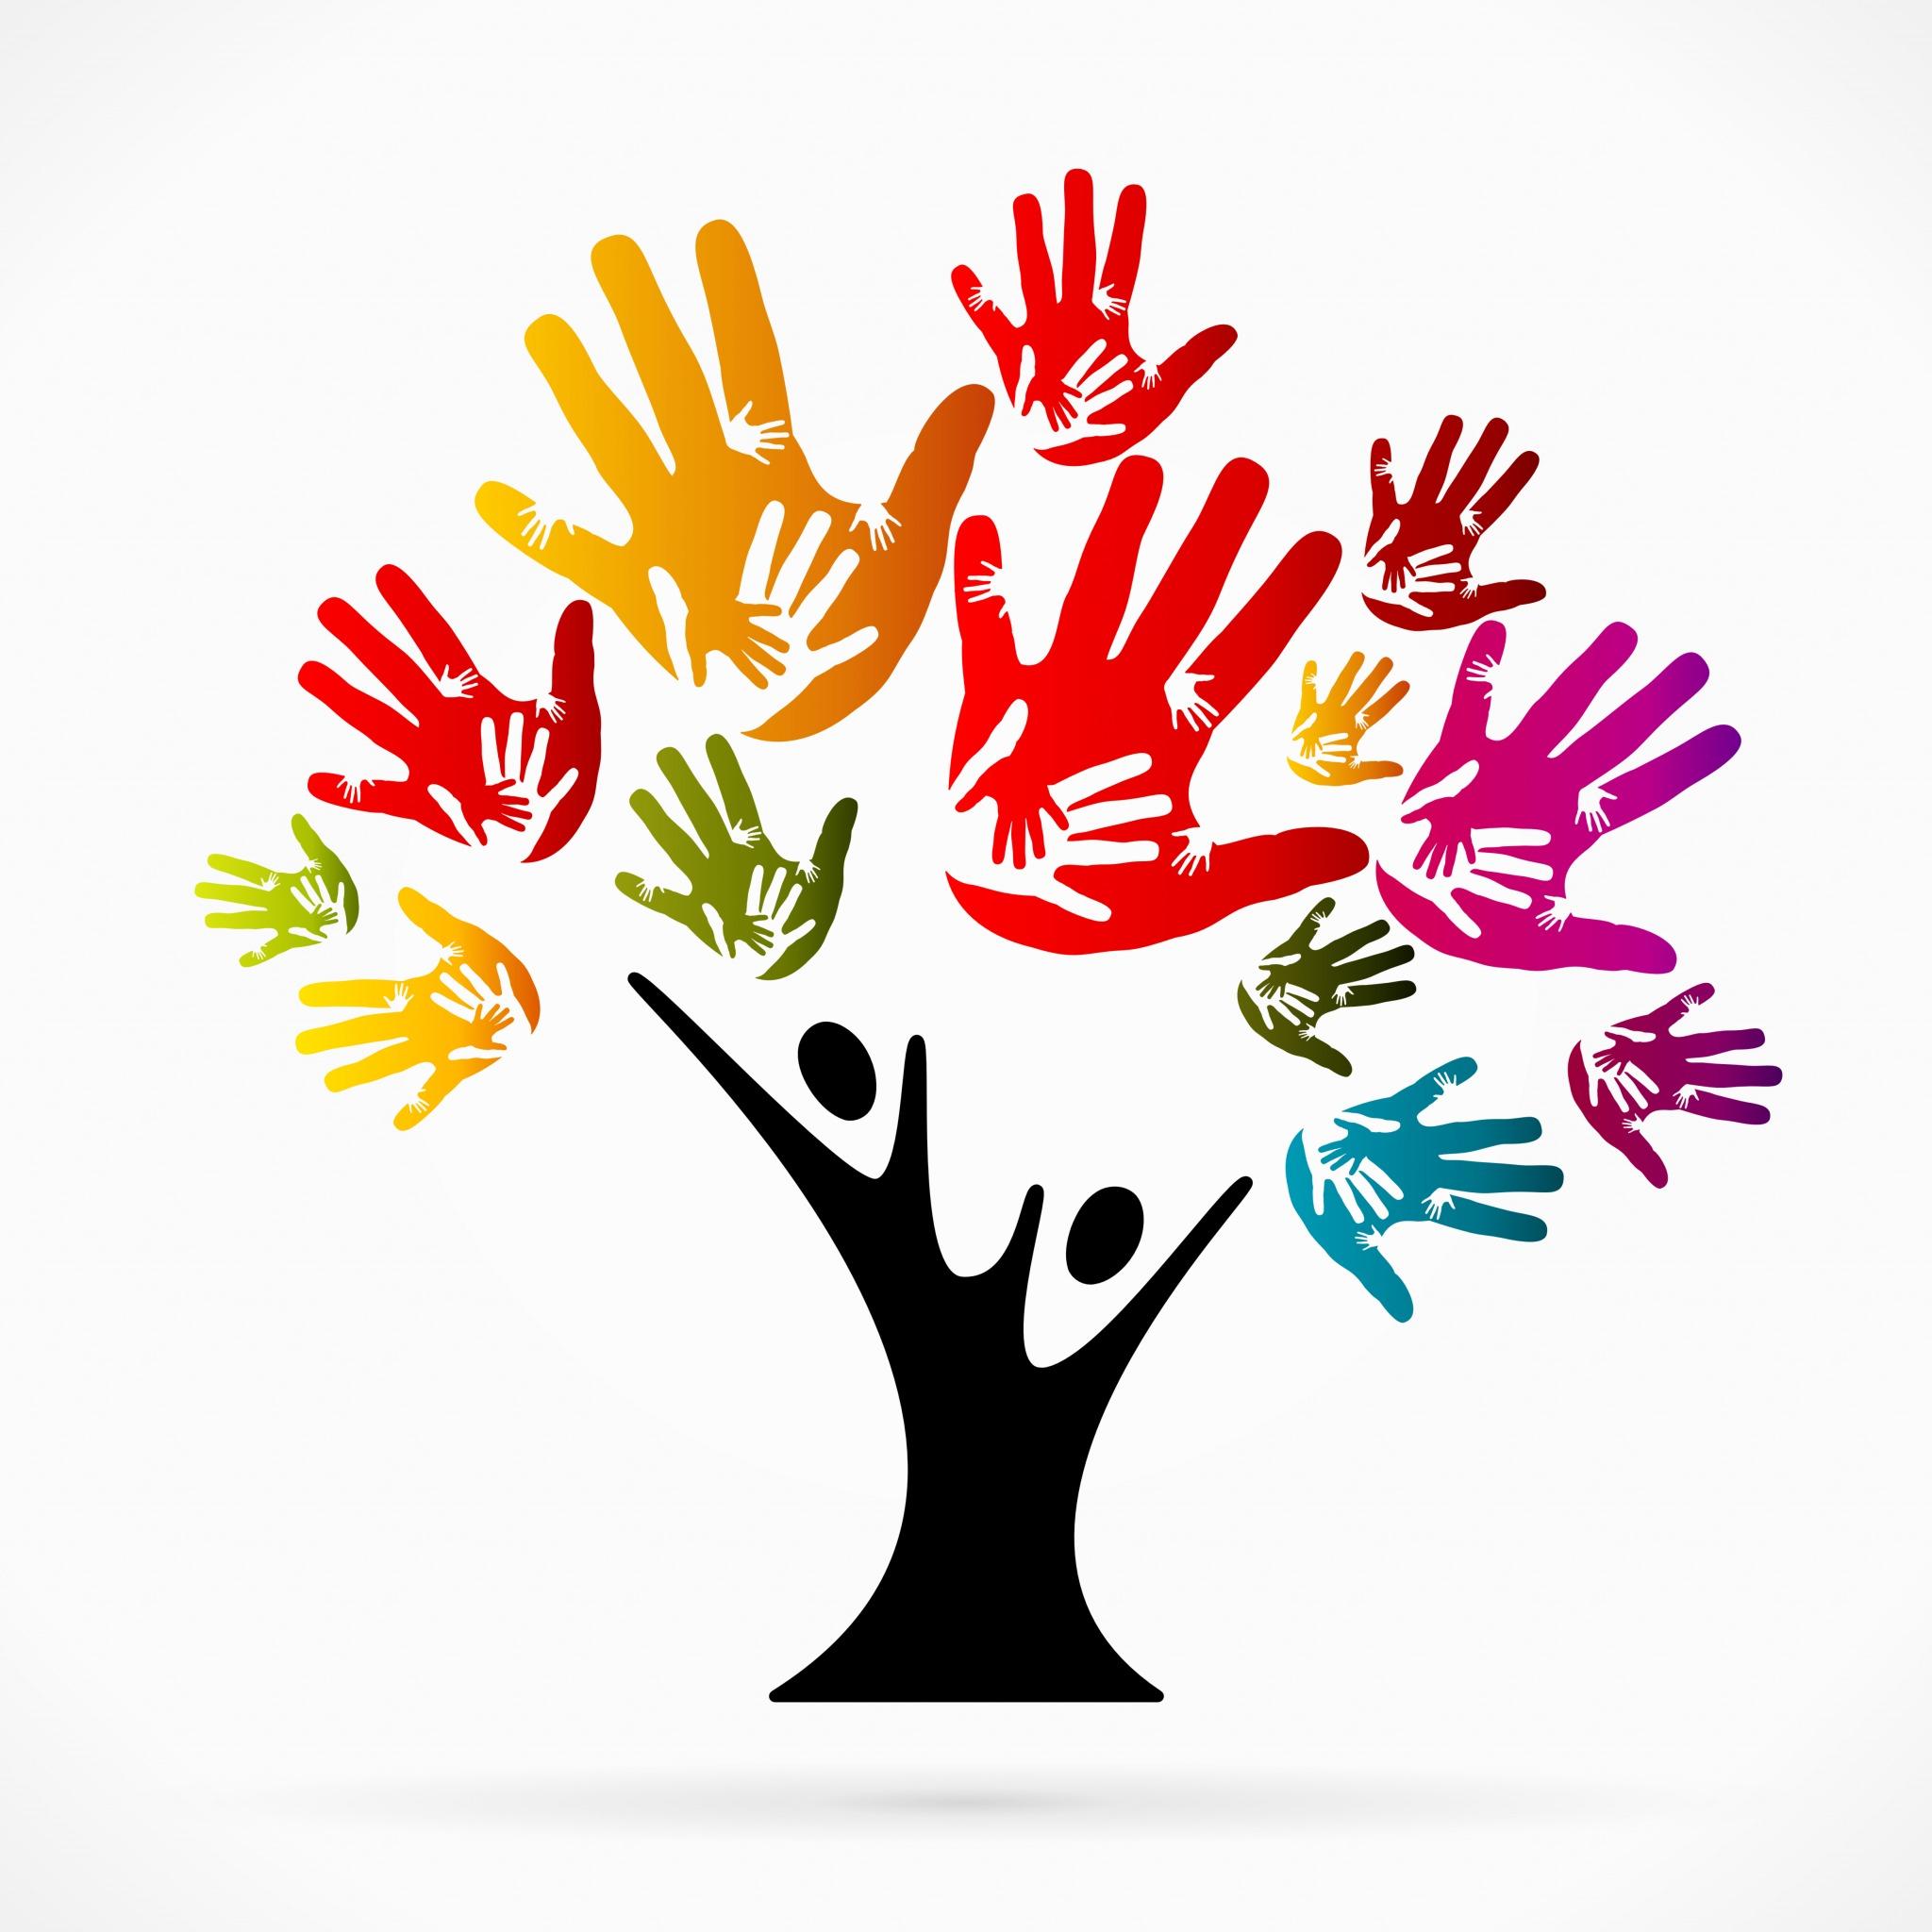 Мета національної політики Української держави — сприяти розвитку кожної особистості, хоч би до якої етнічної групи вона належала. Фото з сайту 123rf.com